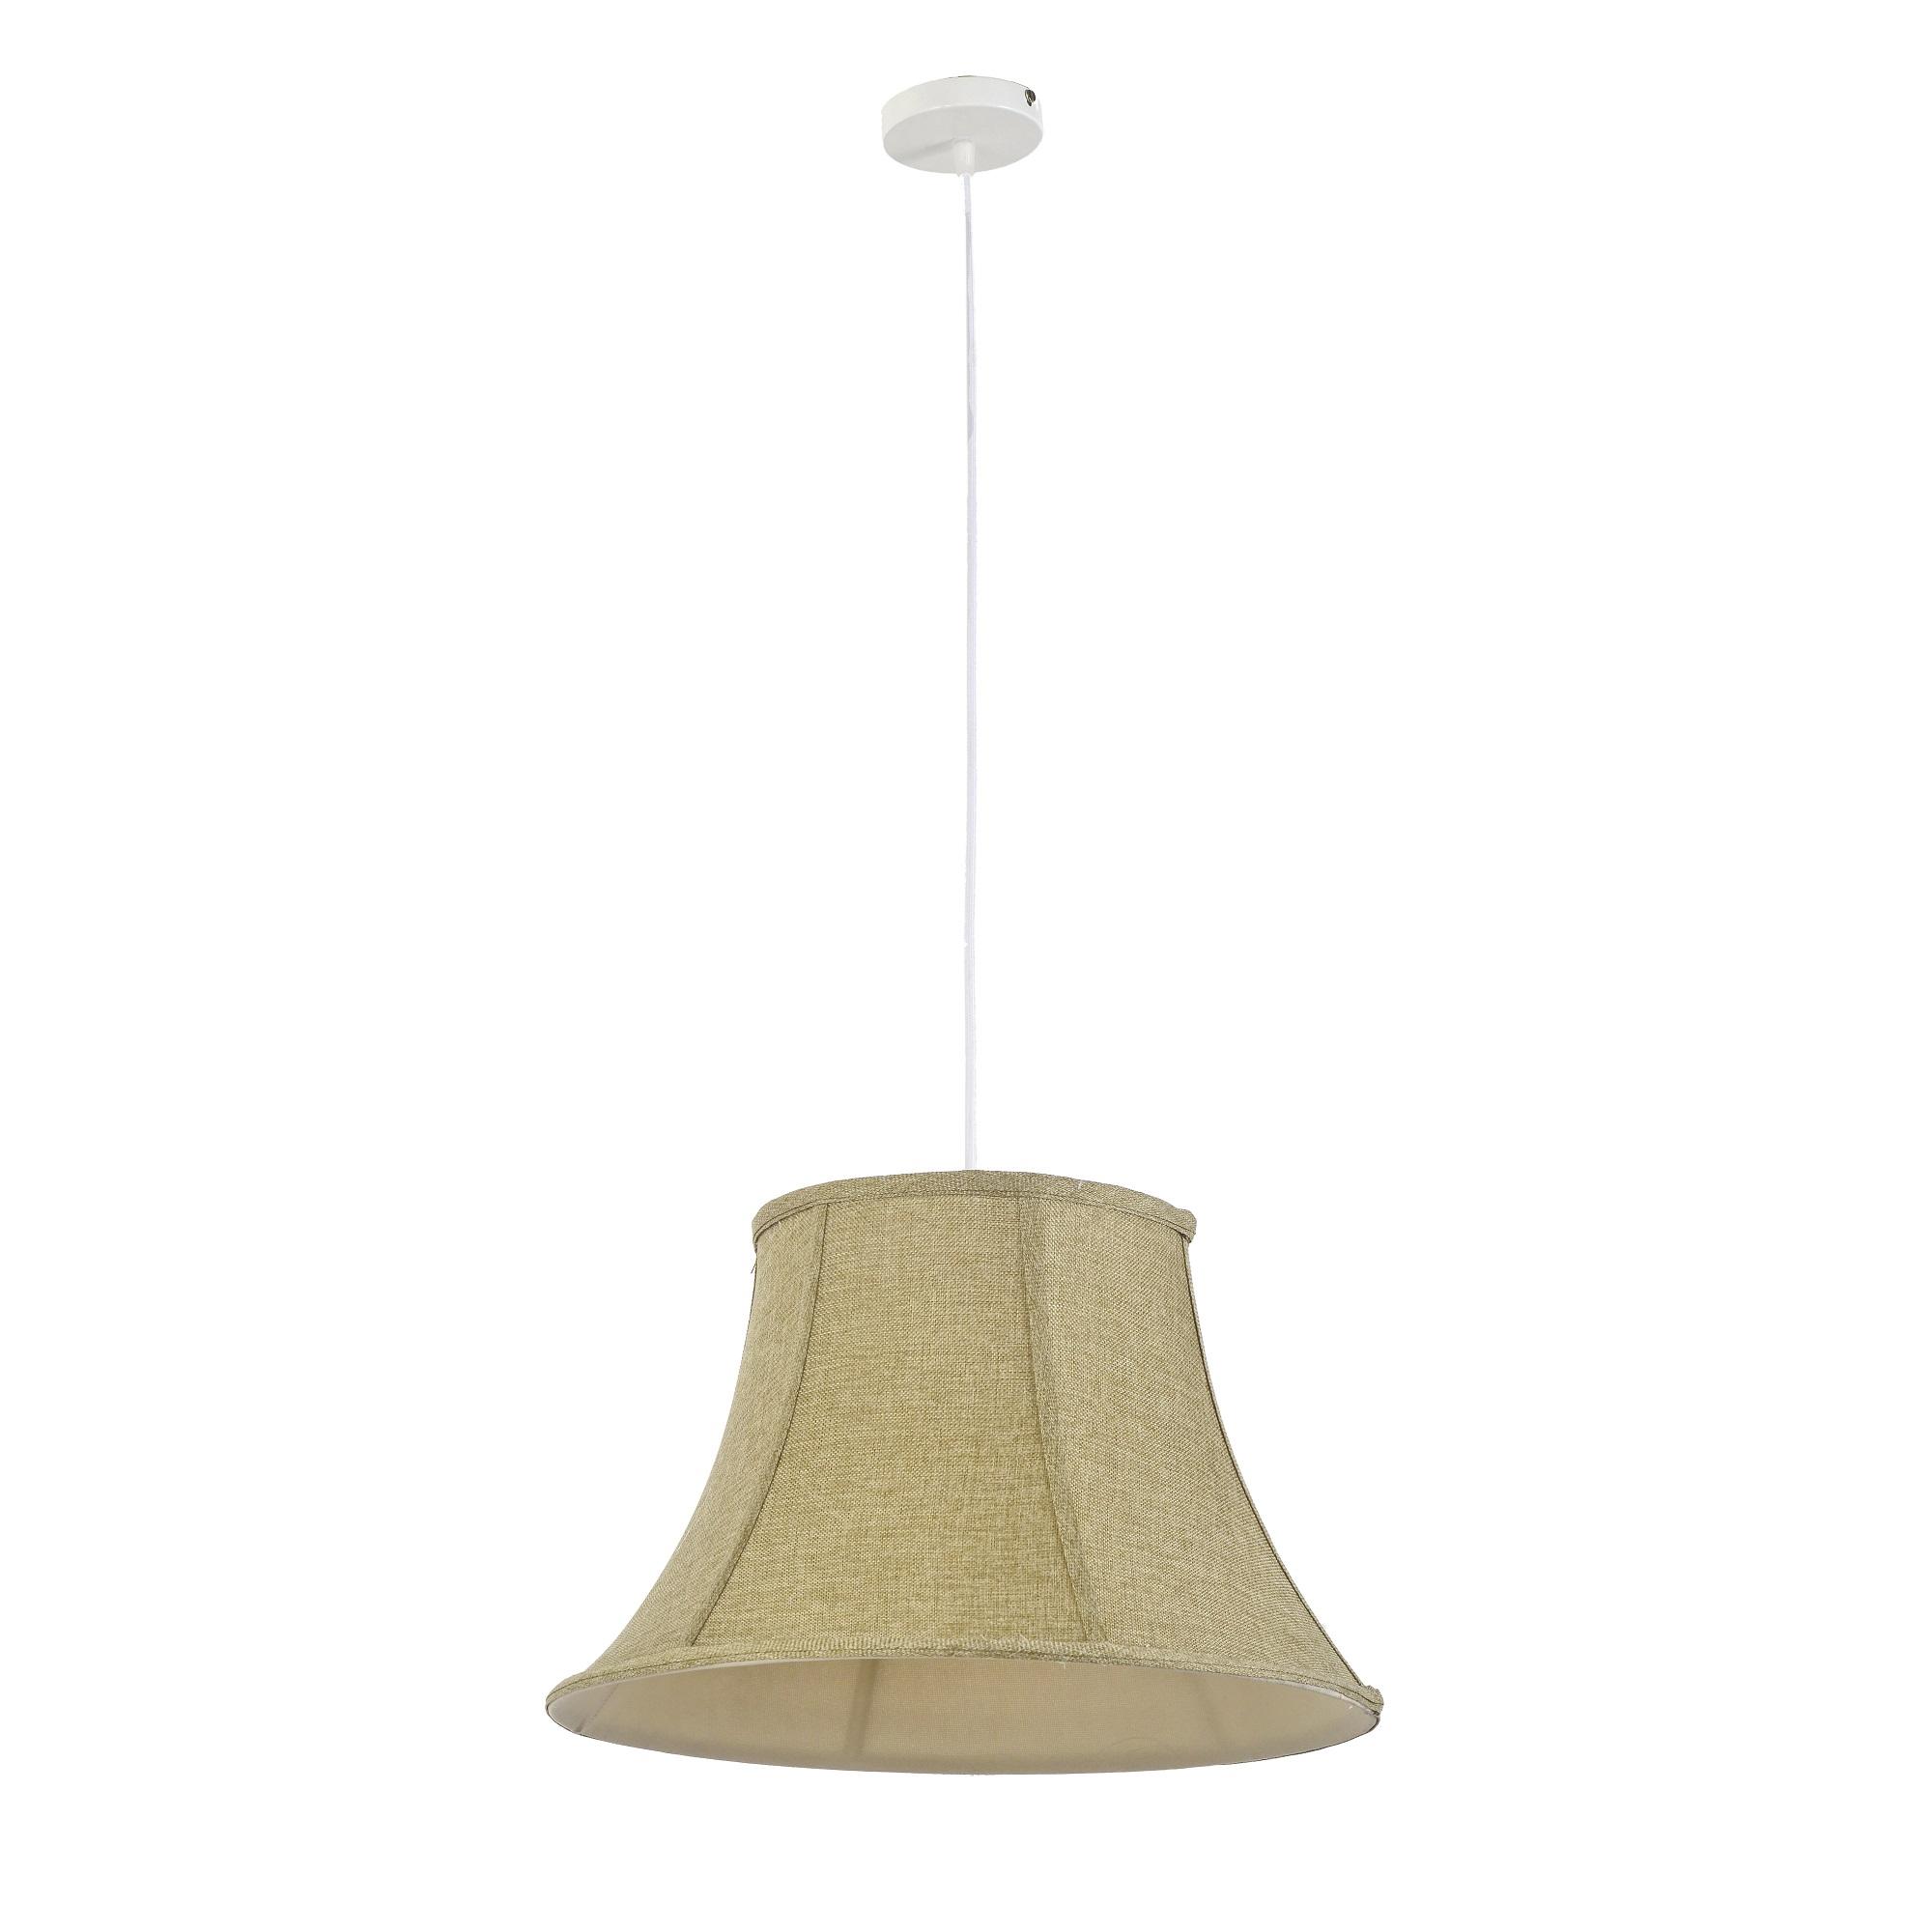 Подвесной светильник Arti Lampadari Cantare E 1.3.P1 BR светильник arti lampadari tempo e 1 3 p1 br tempo